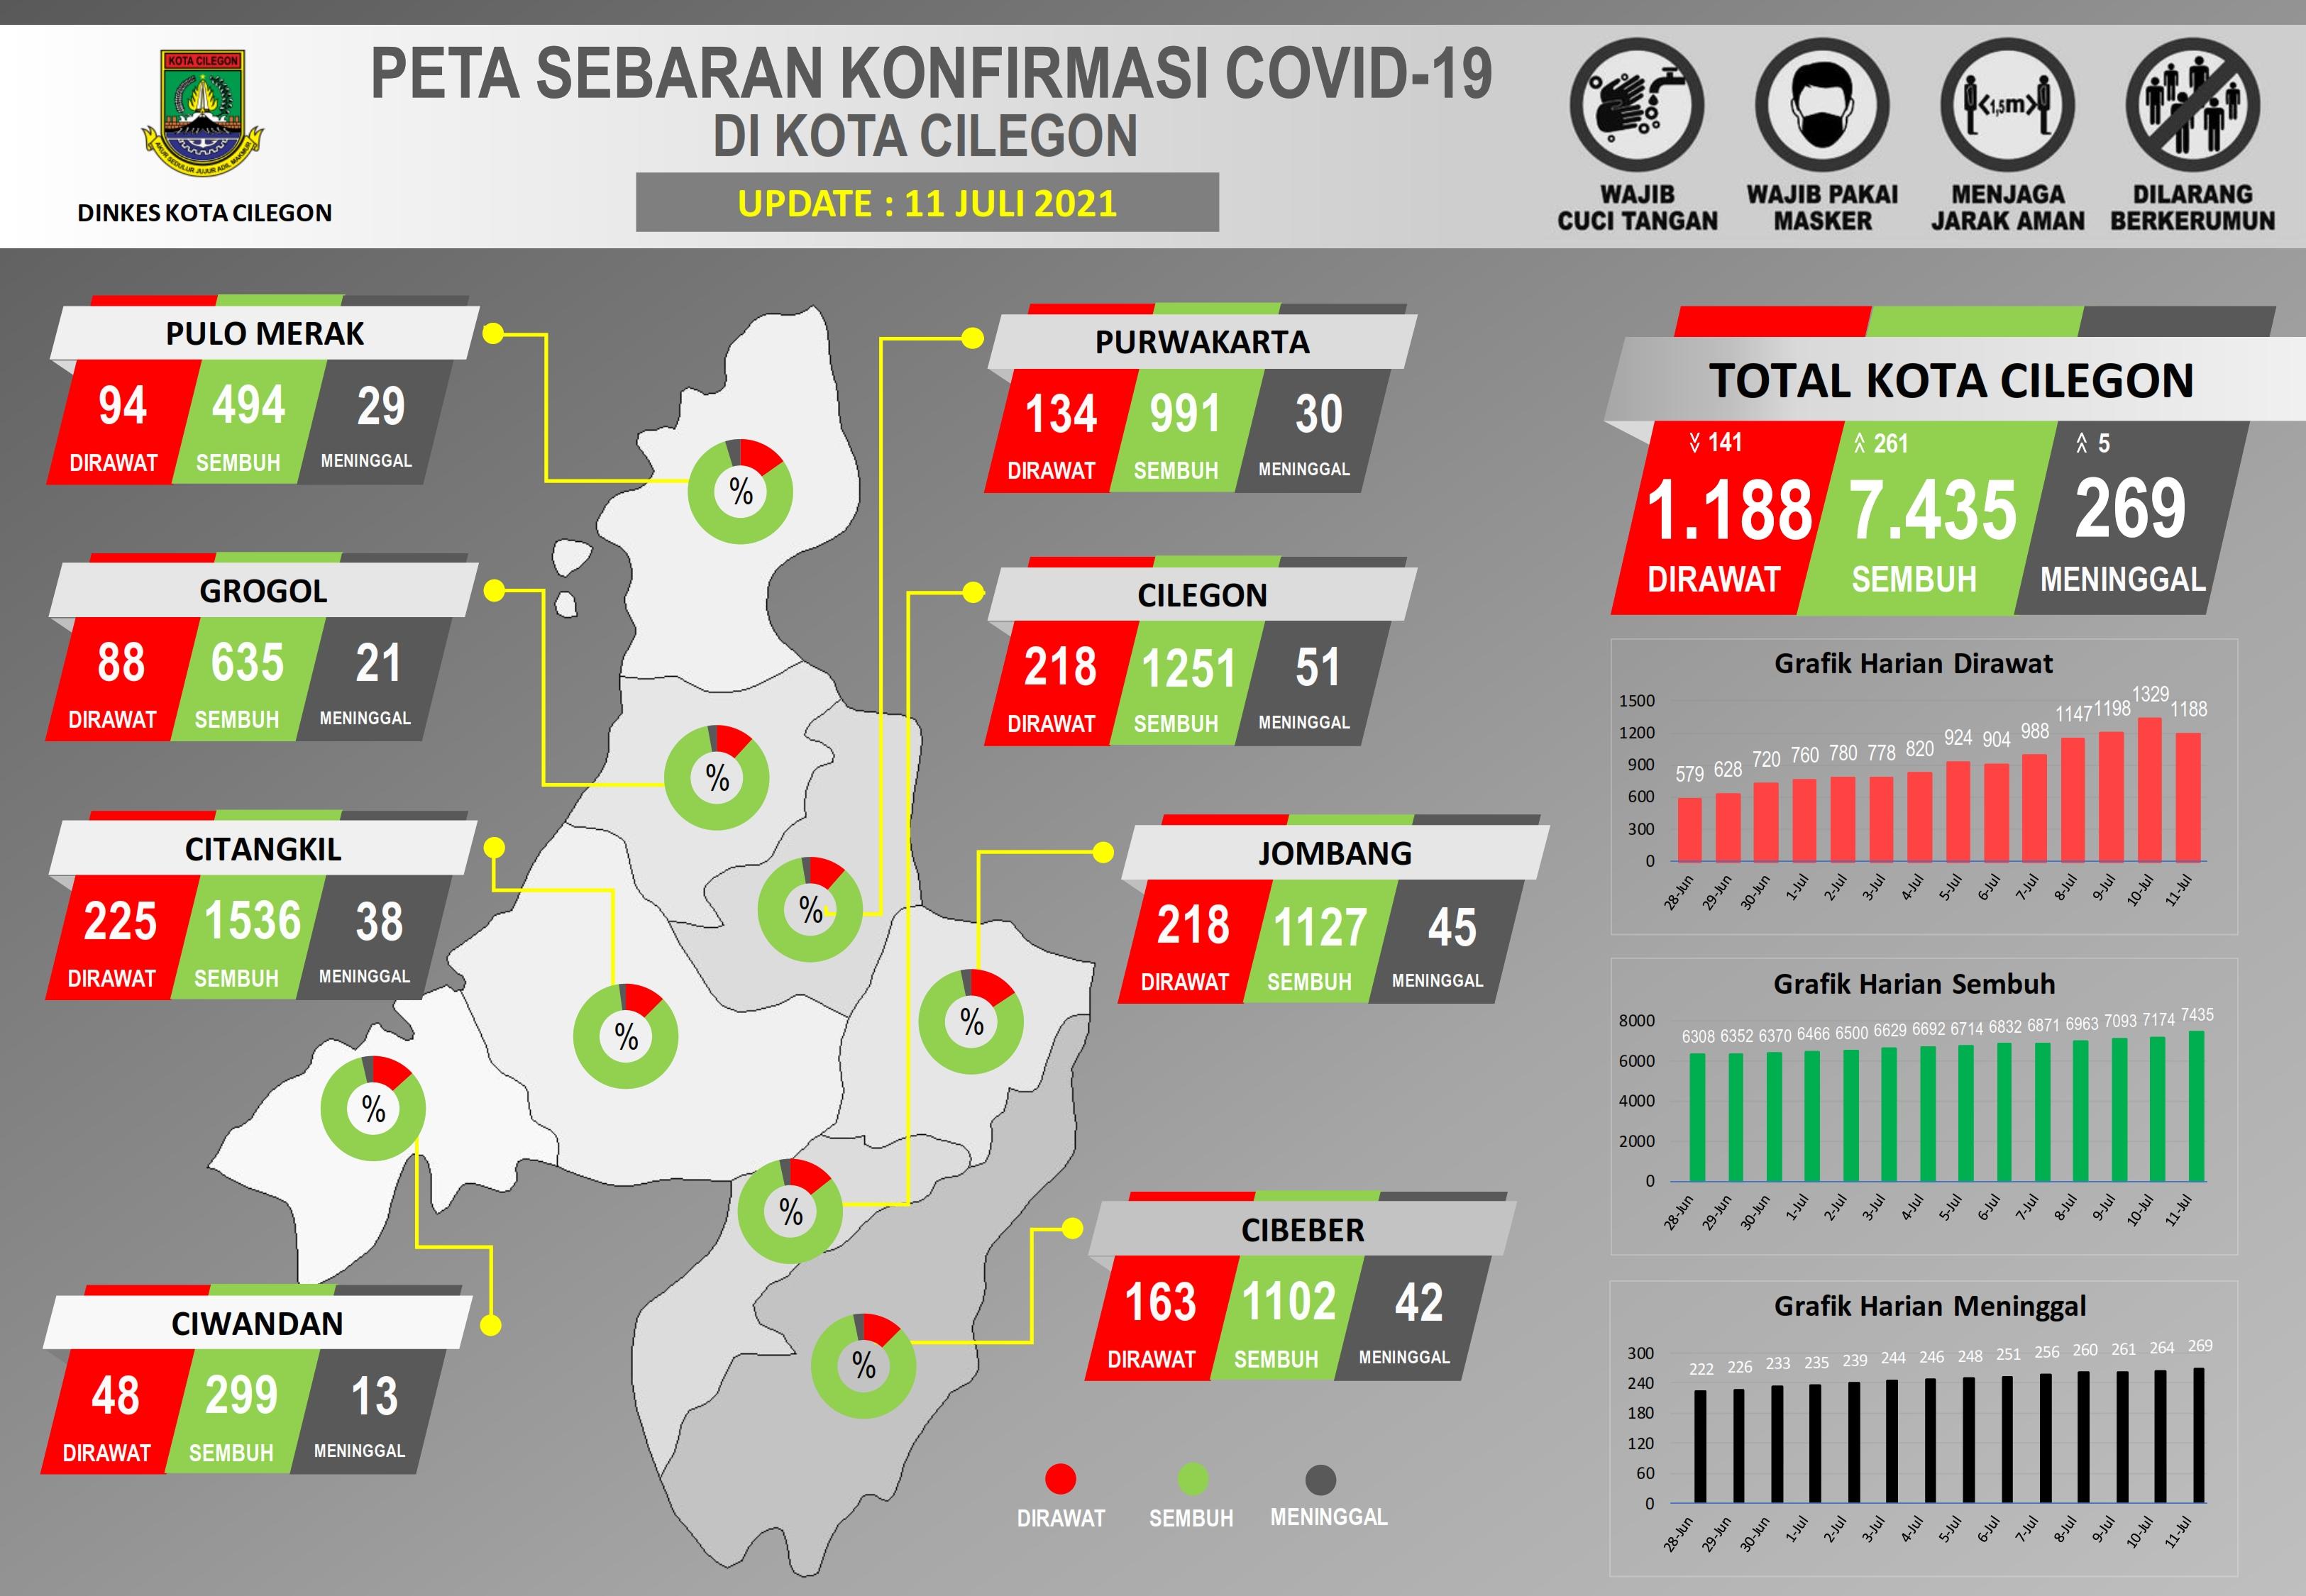 UPDATE-11-07-2021-PETA-SEBARAN-COVID-19